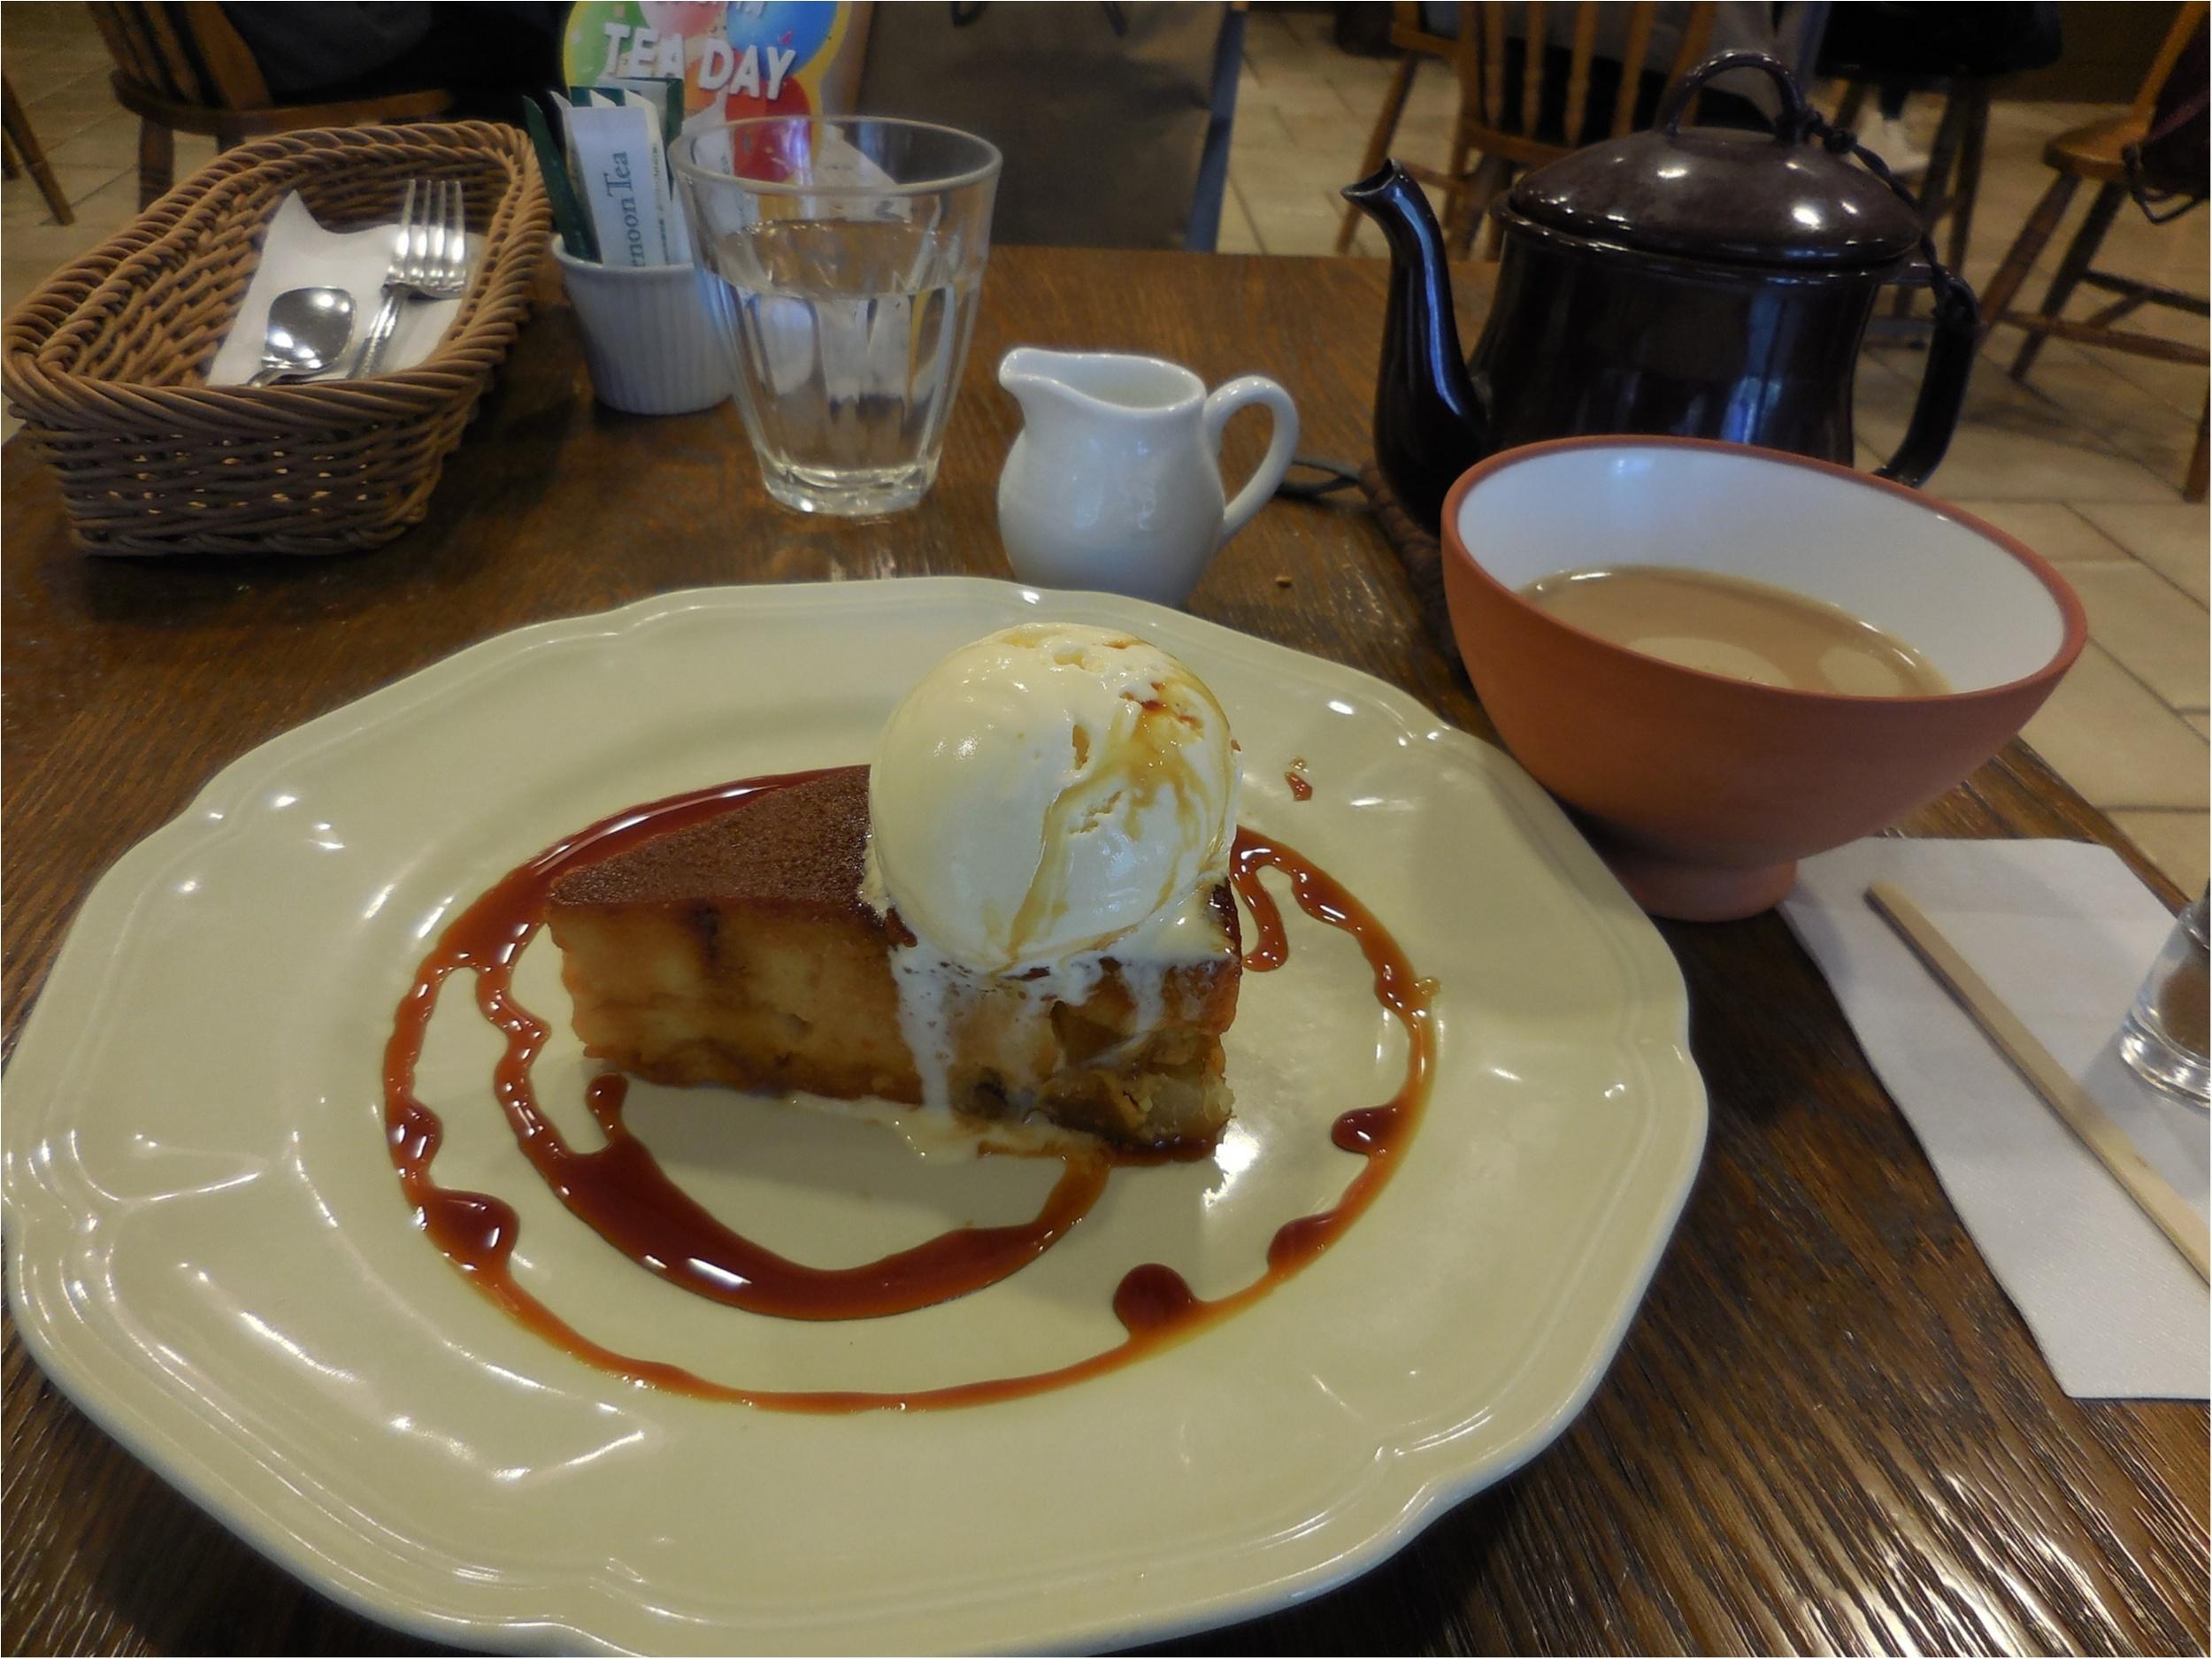 【アフタヌーンティー・ティールーム TEA DAY】11月1日は紅茶の日で店内すべての紅茶が111円でした_6